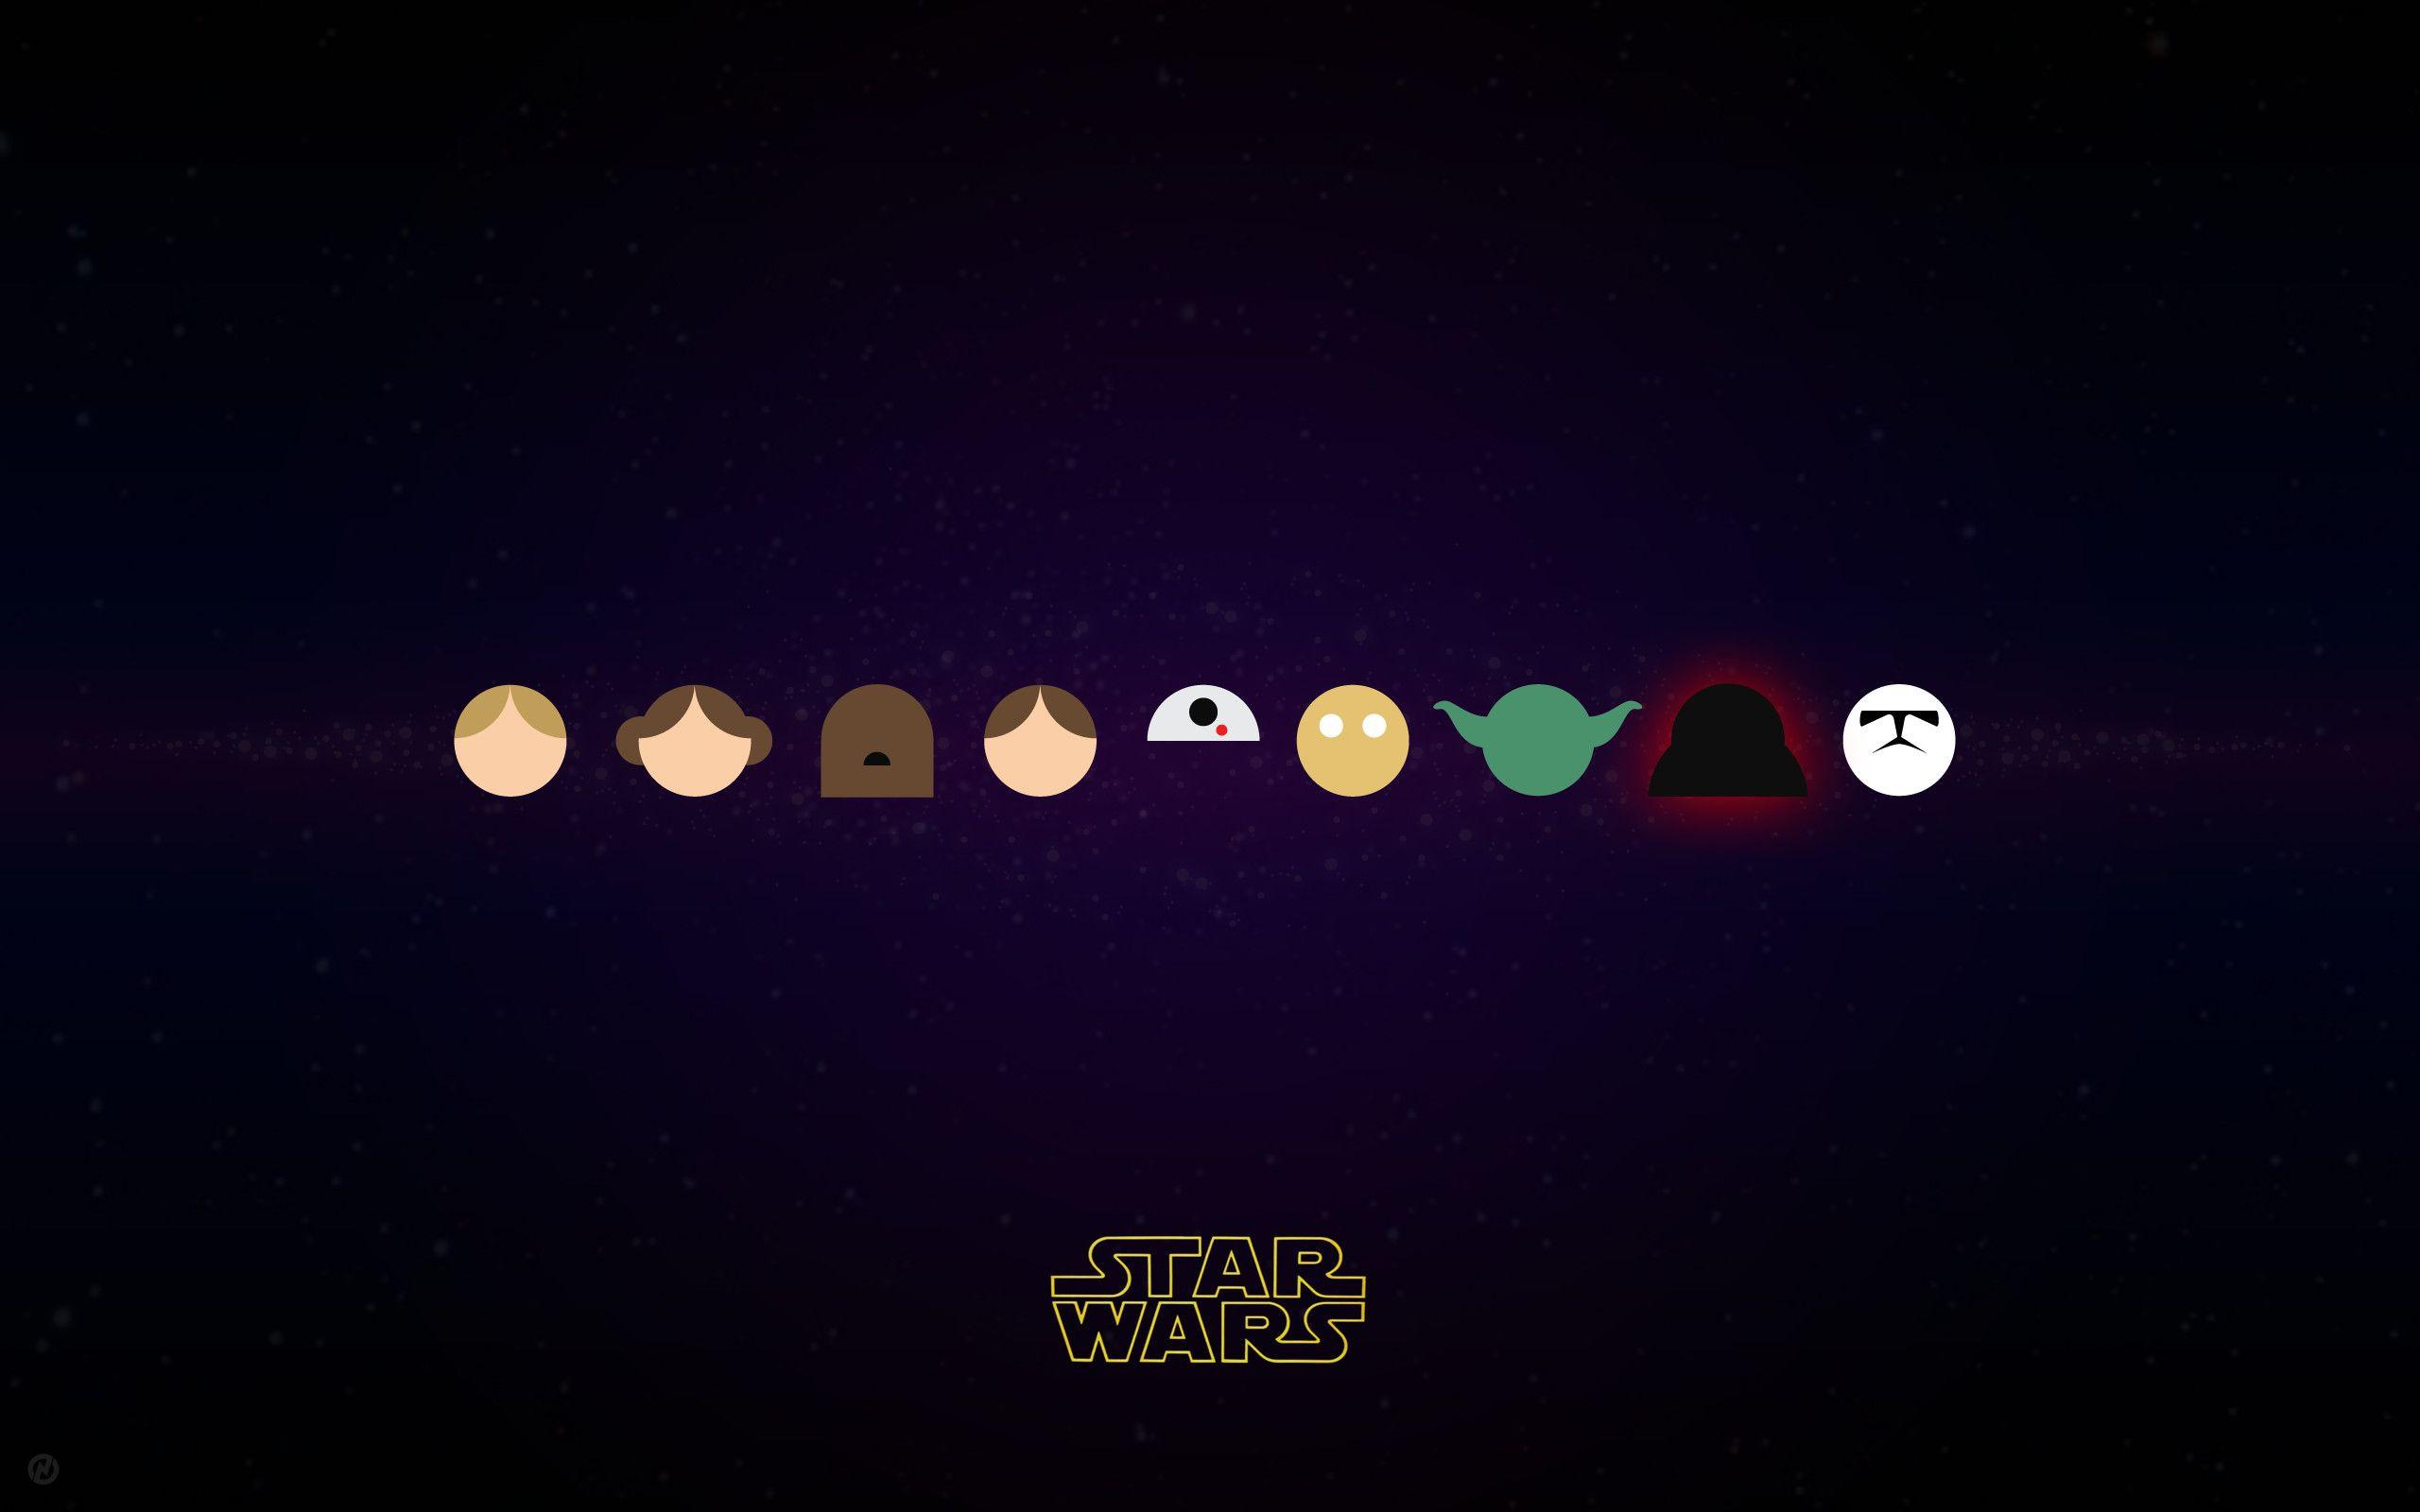 2560x1600 Wallpaper Minimalism Star Wars Photo 11 Star Wars Wallpaper Star Wars Diy Star Wars Movies Posters